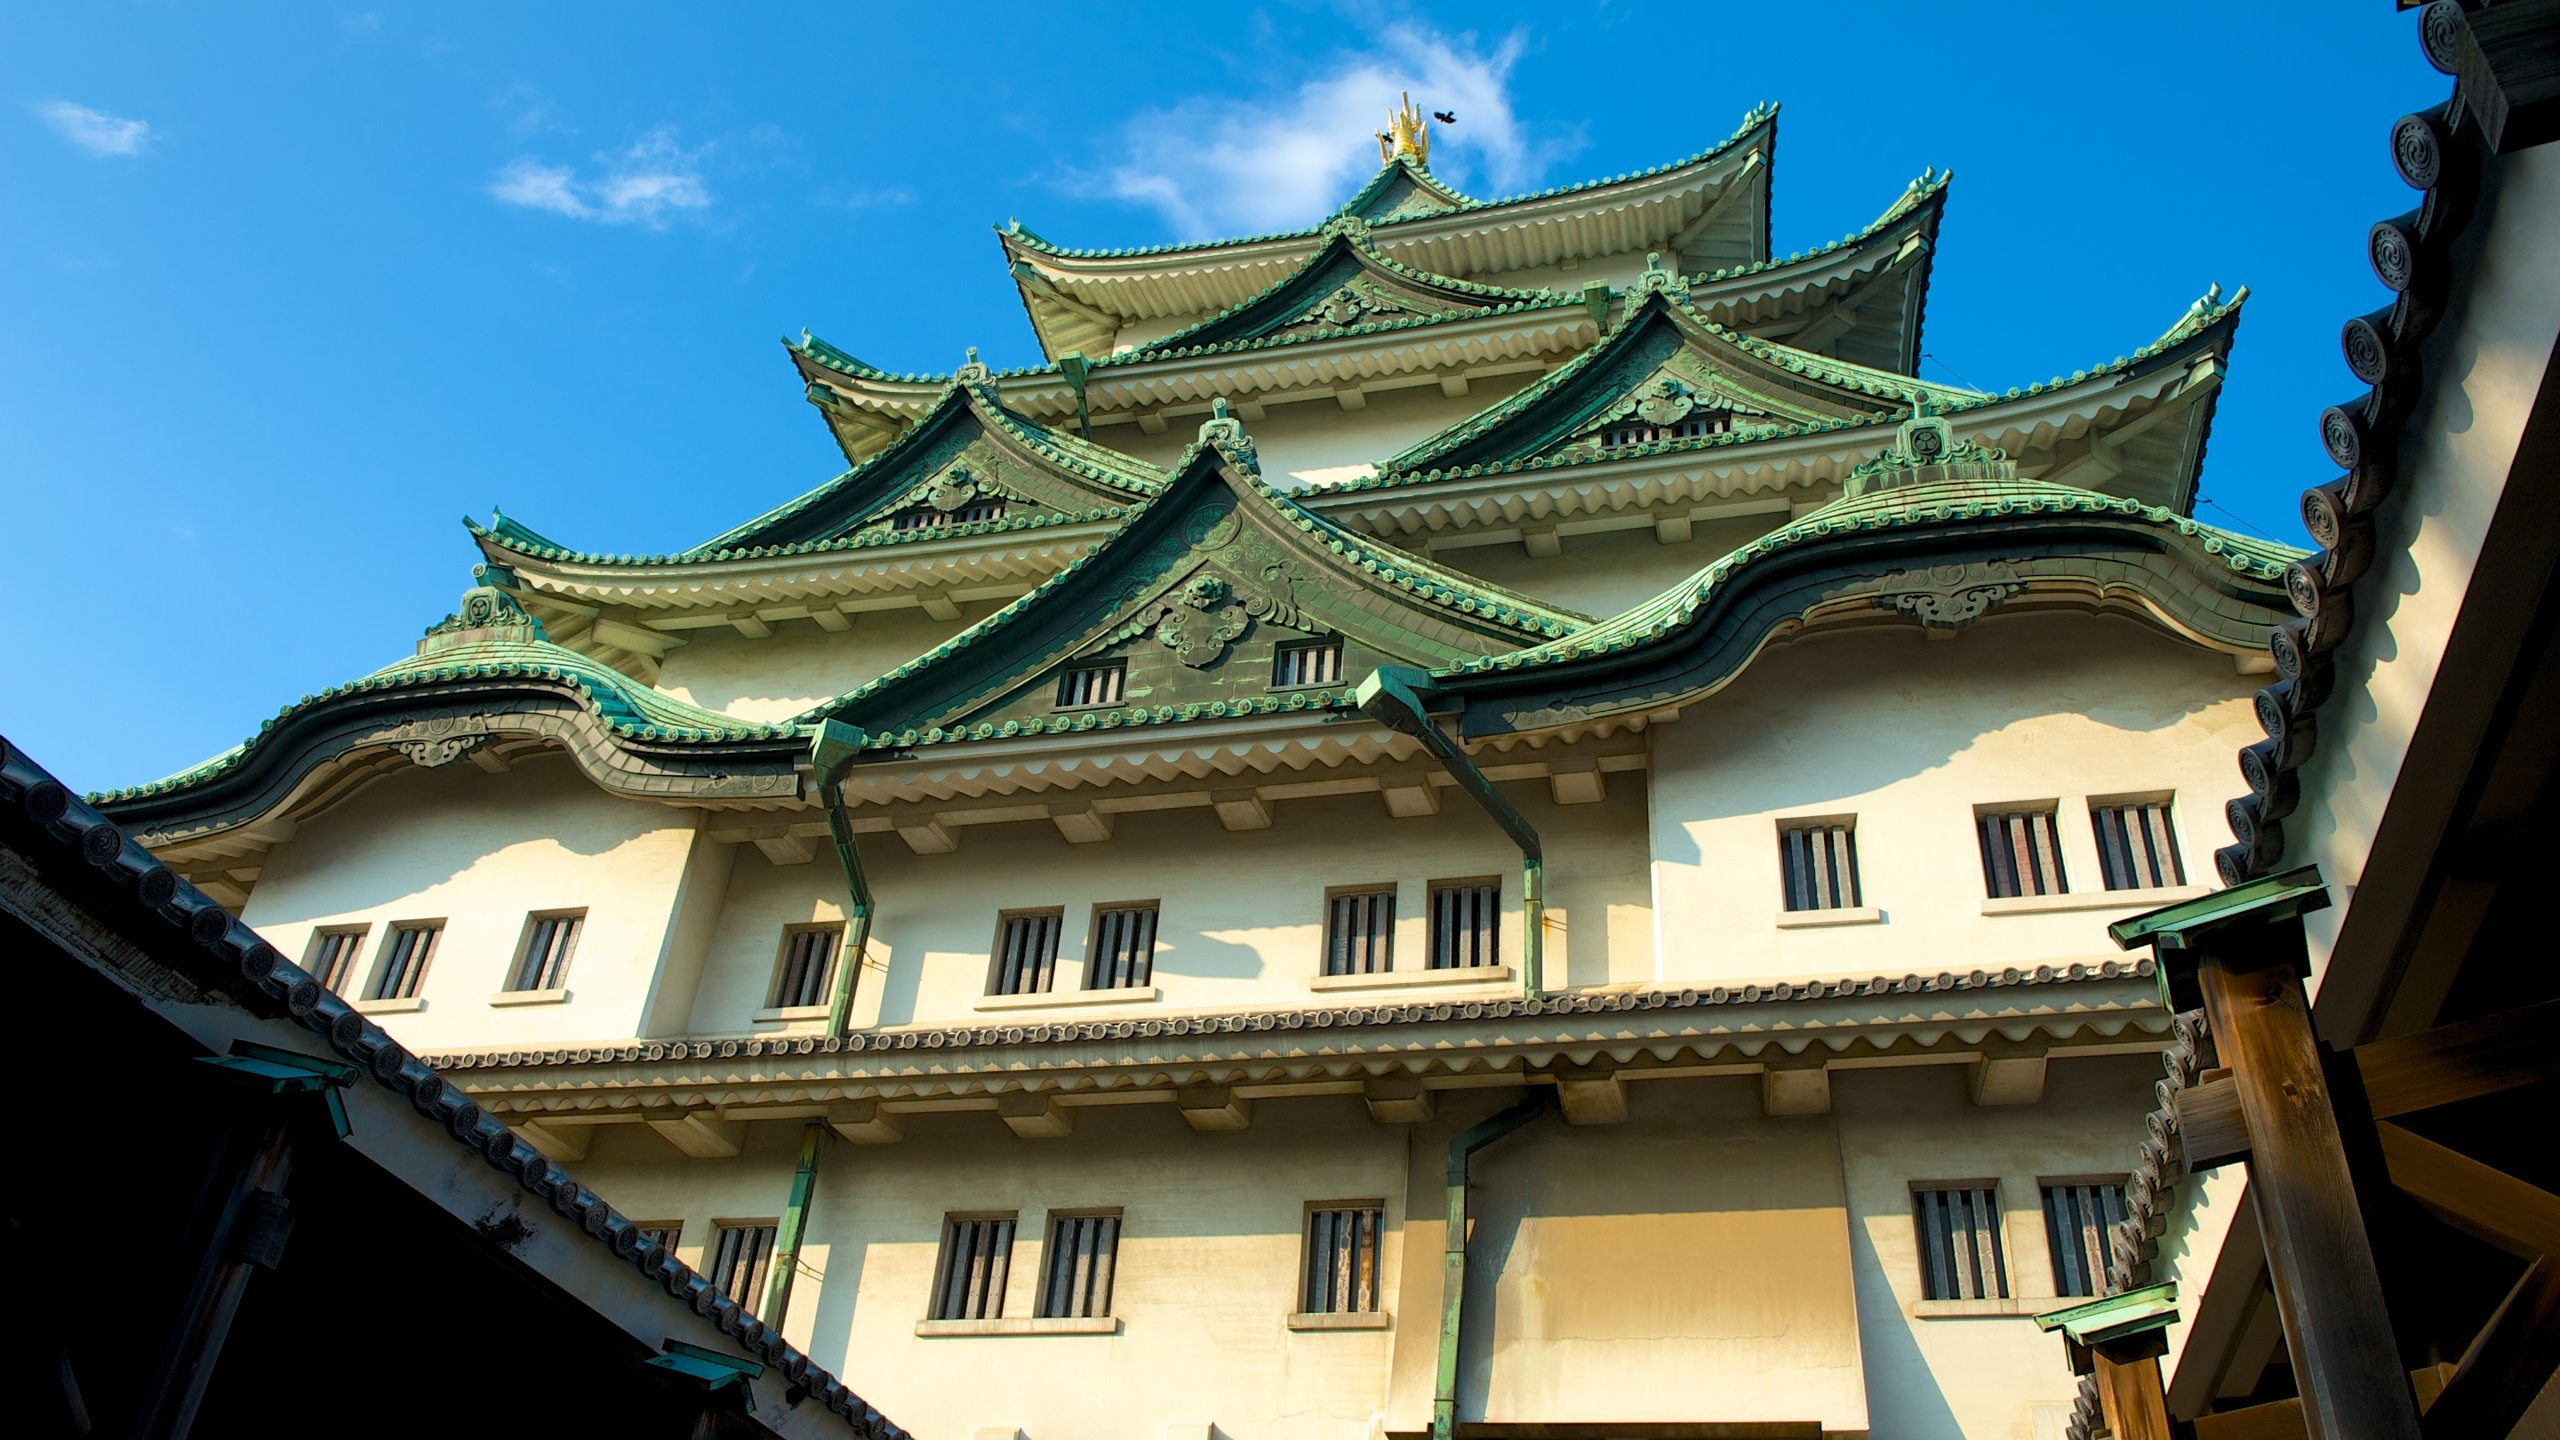 Kasteel van Nagoya, Nagoya, Aichi (prefectuur), Japan